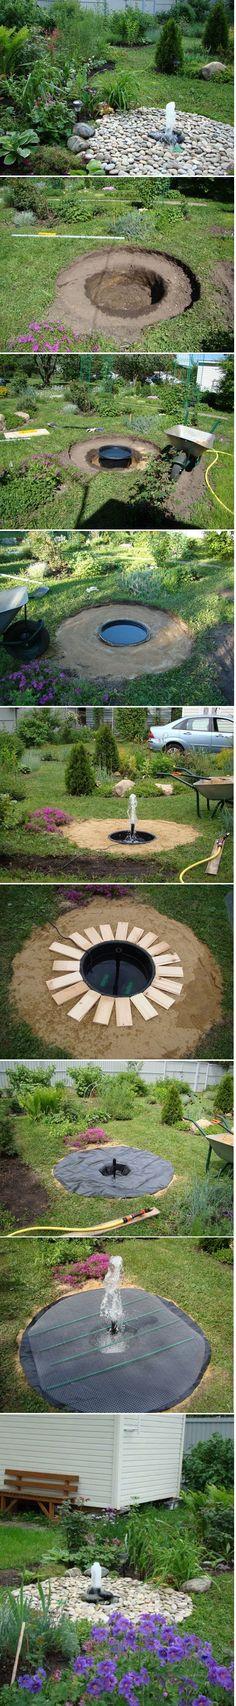 DIY Backyard Buried Fountain